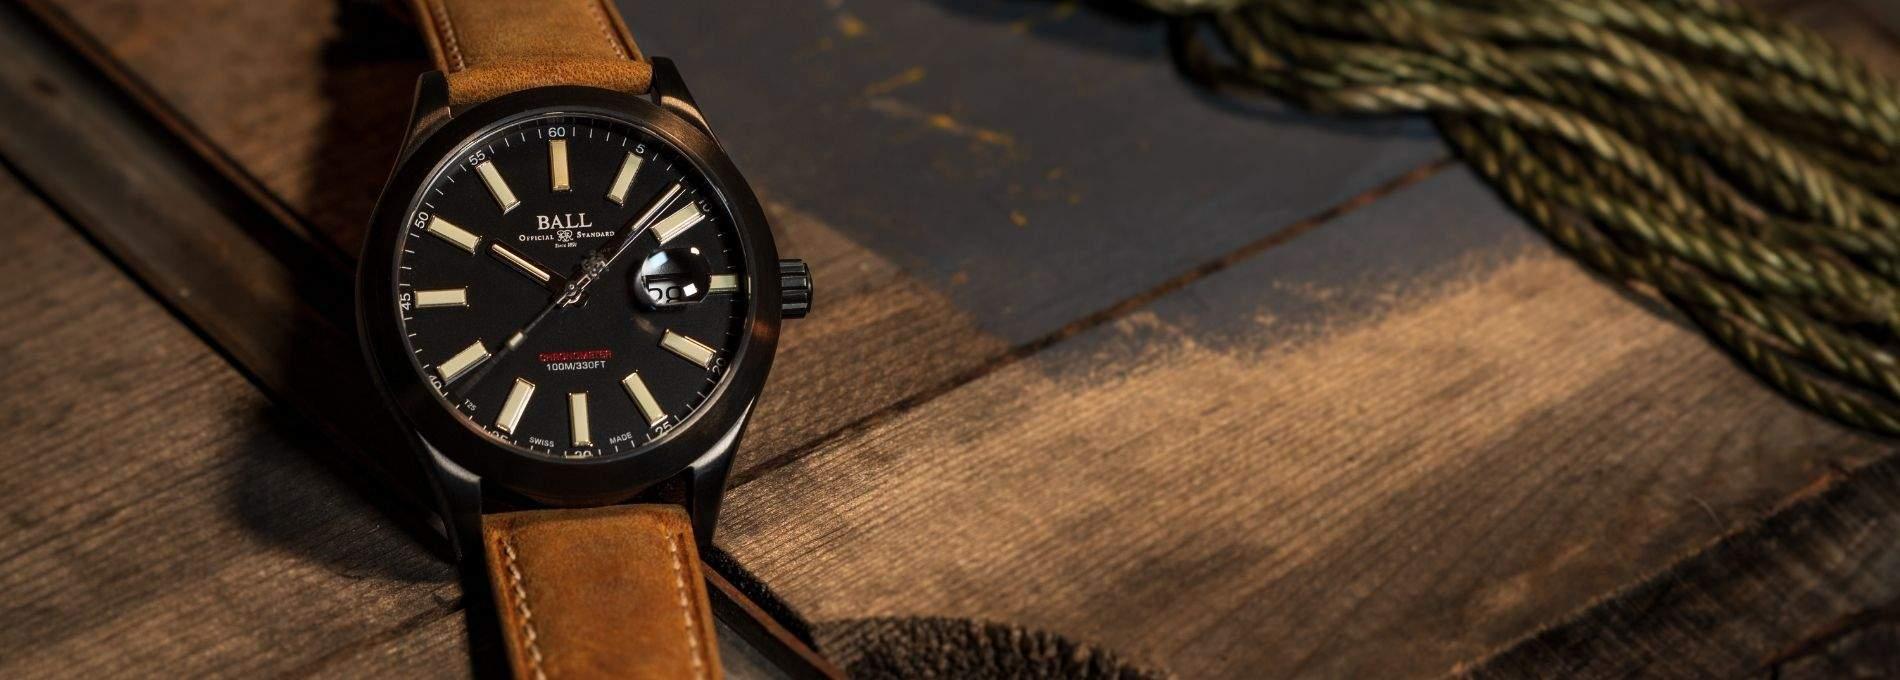 Zegarki automatyczne - dlaczego warto zdecydować się na klasyczne rozwiązania?